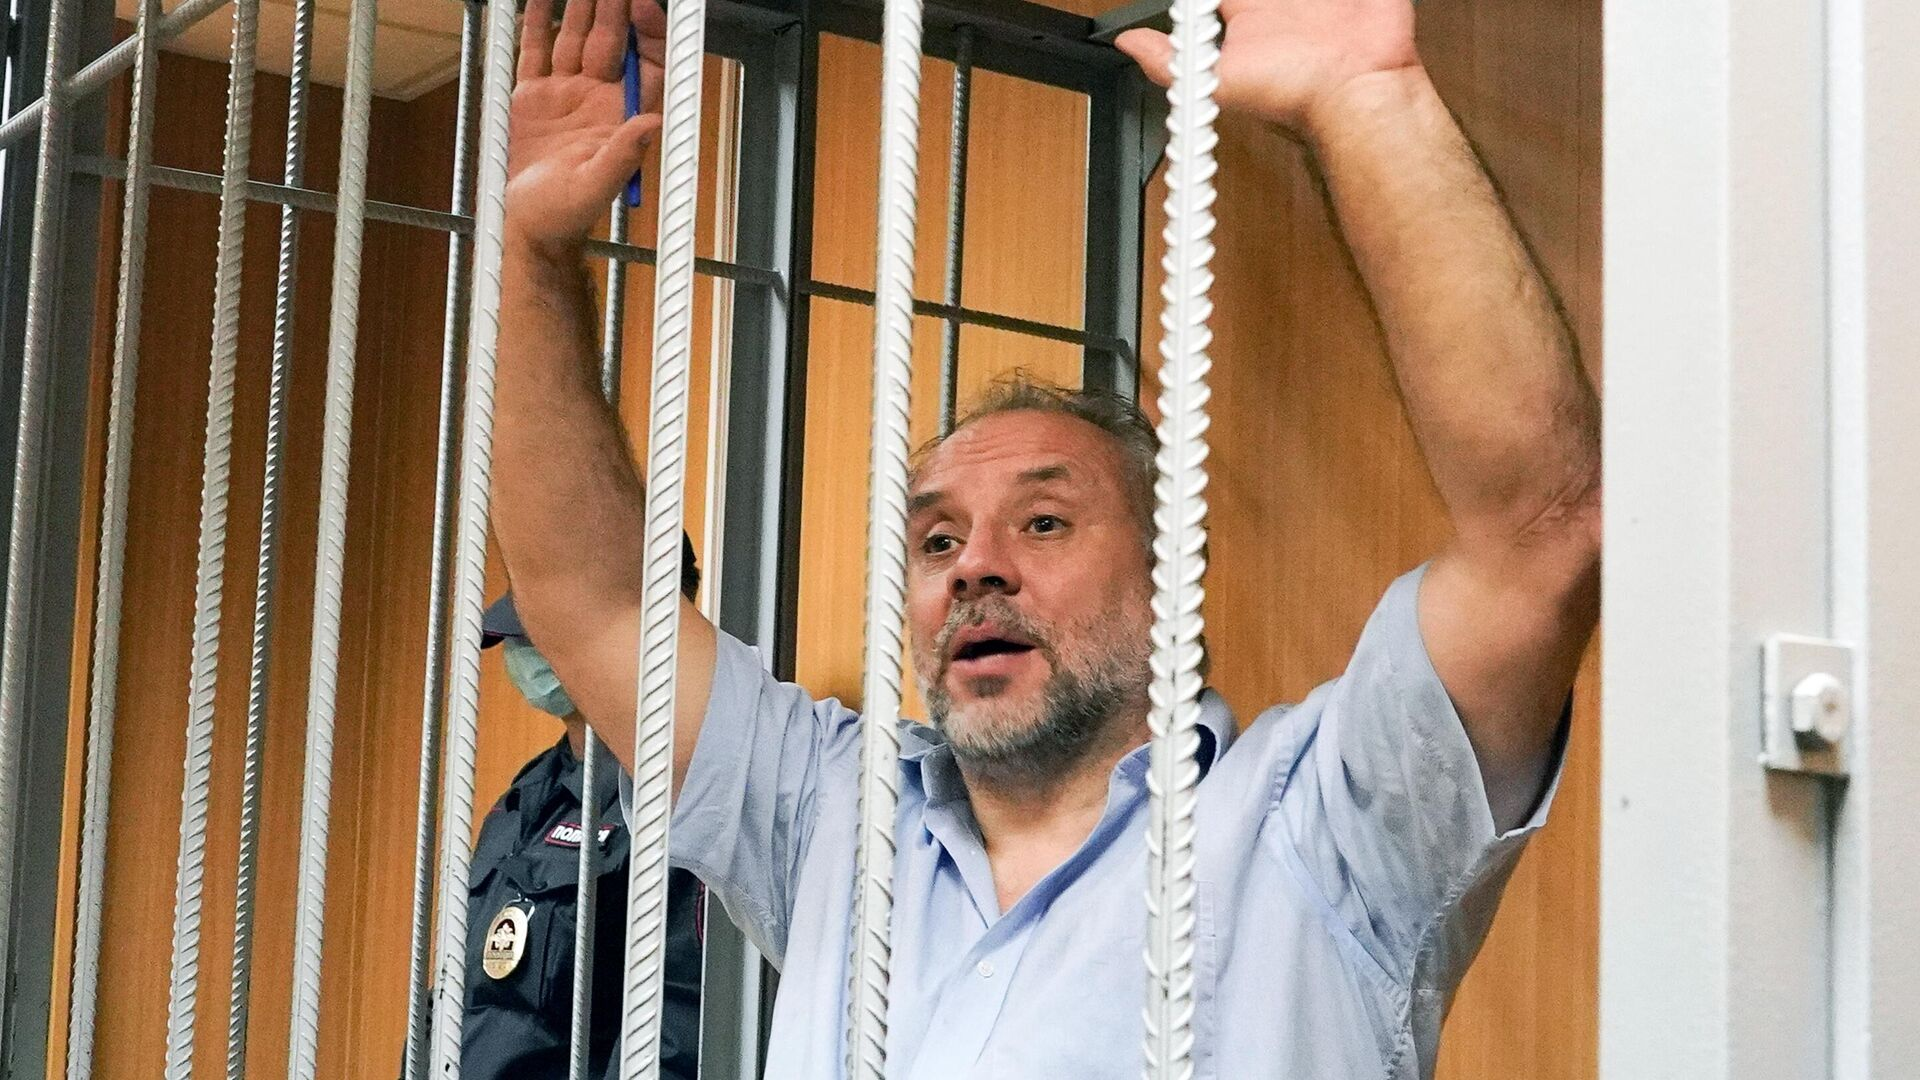 1577675736 0:308:2885:1931 1920x0 80 0 0 9ba26166a58a44975f125f4e704176b1 - Следствие подтвердило виновность депутата Мосгордумы Шереметьева